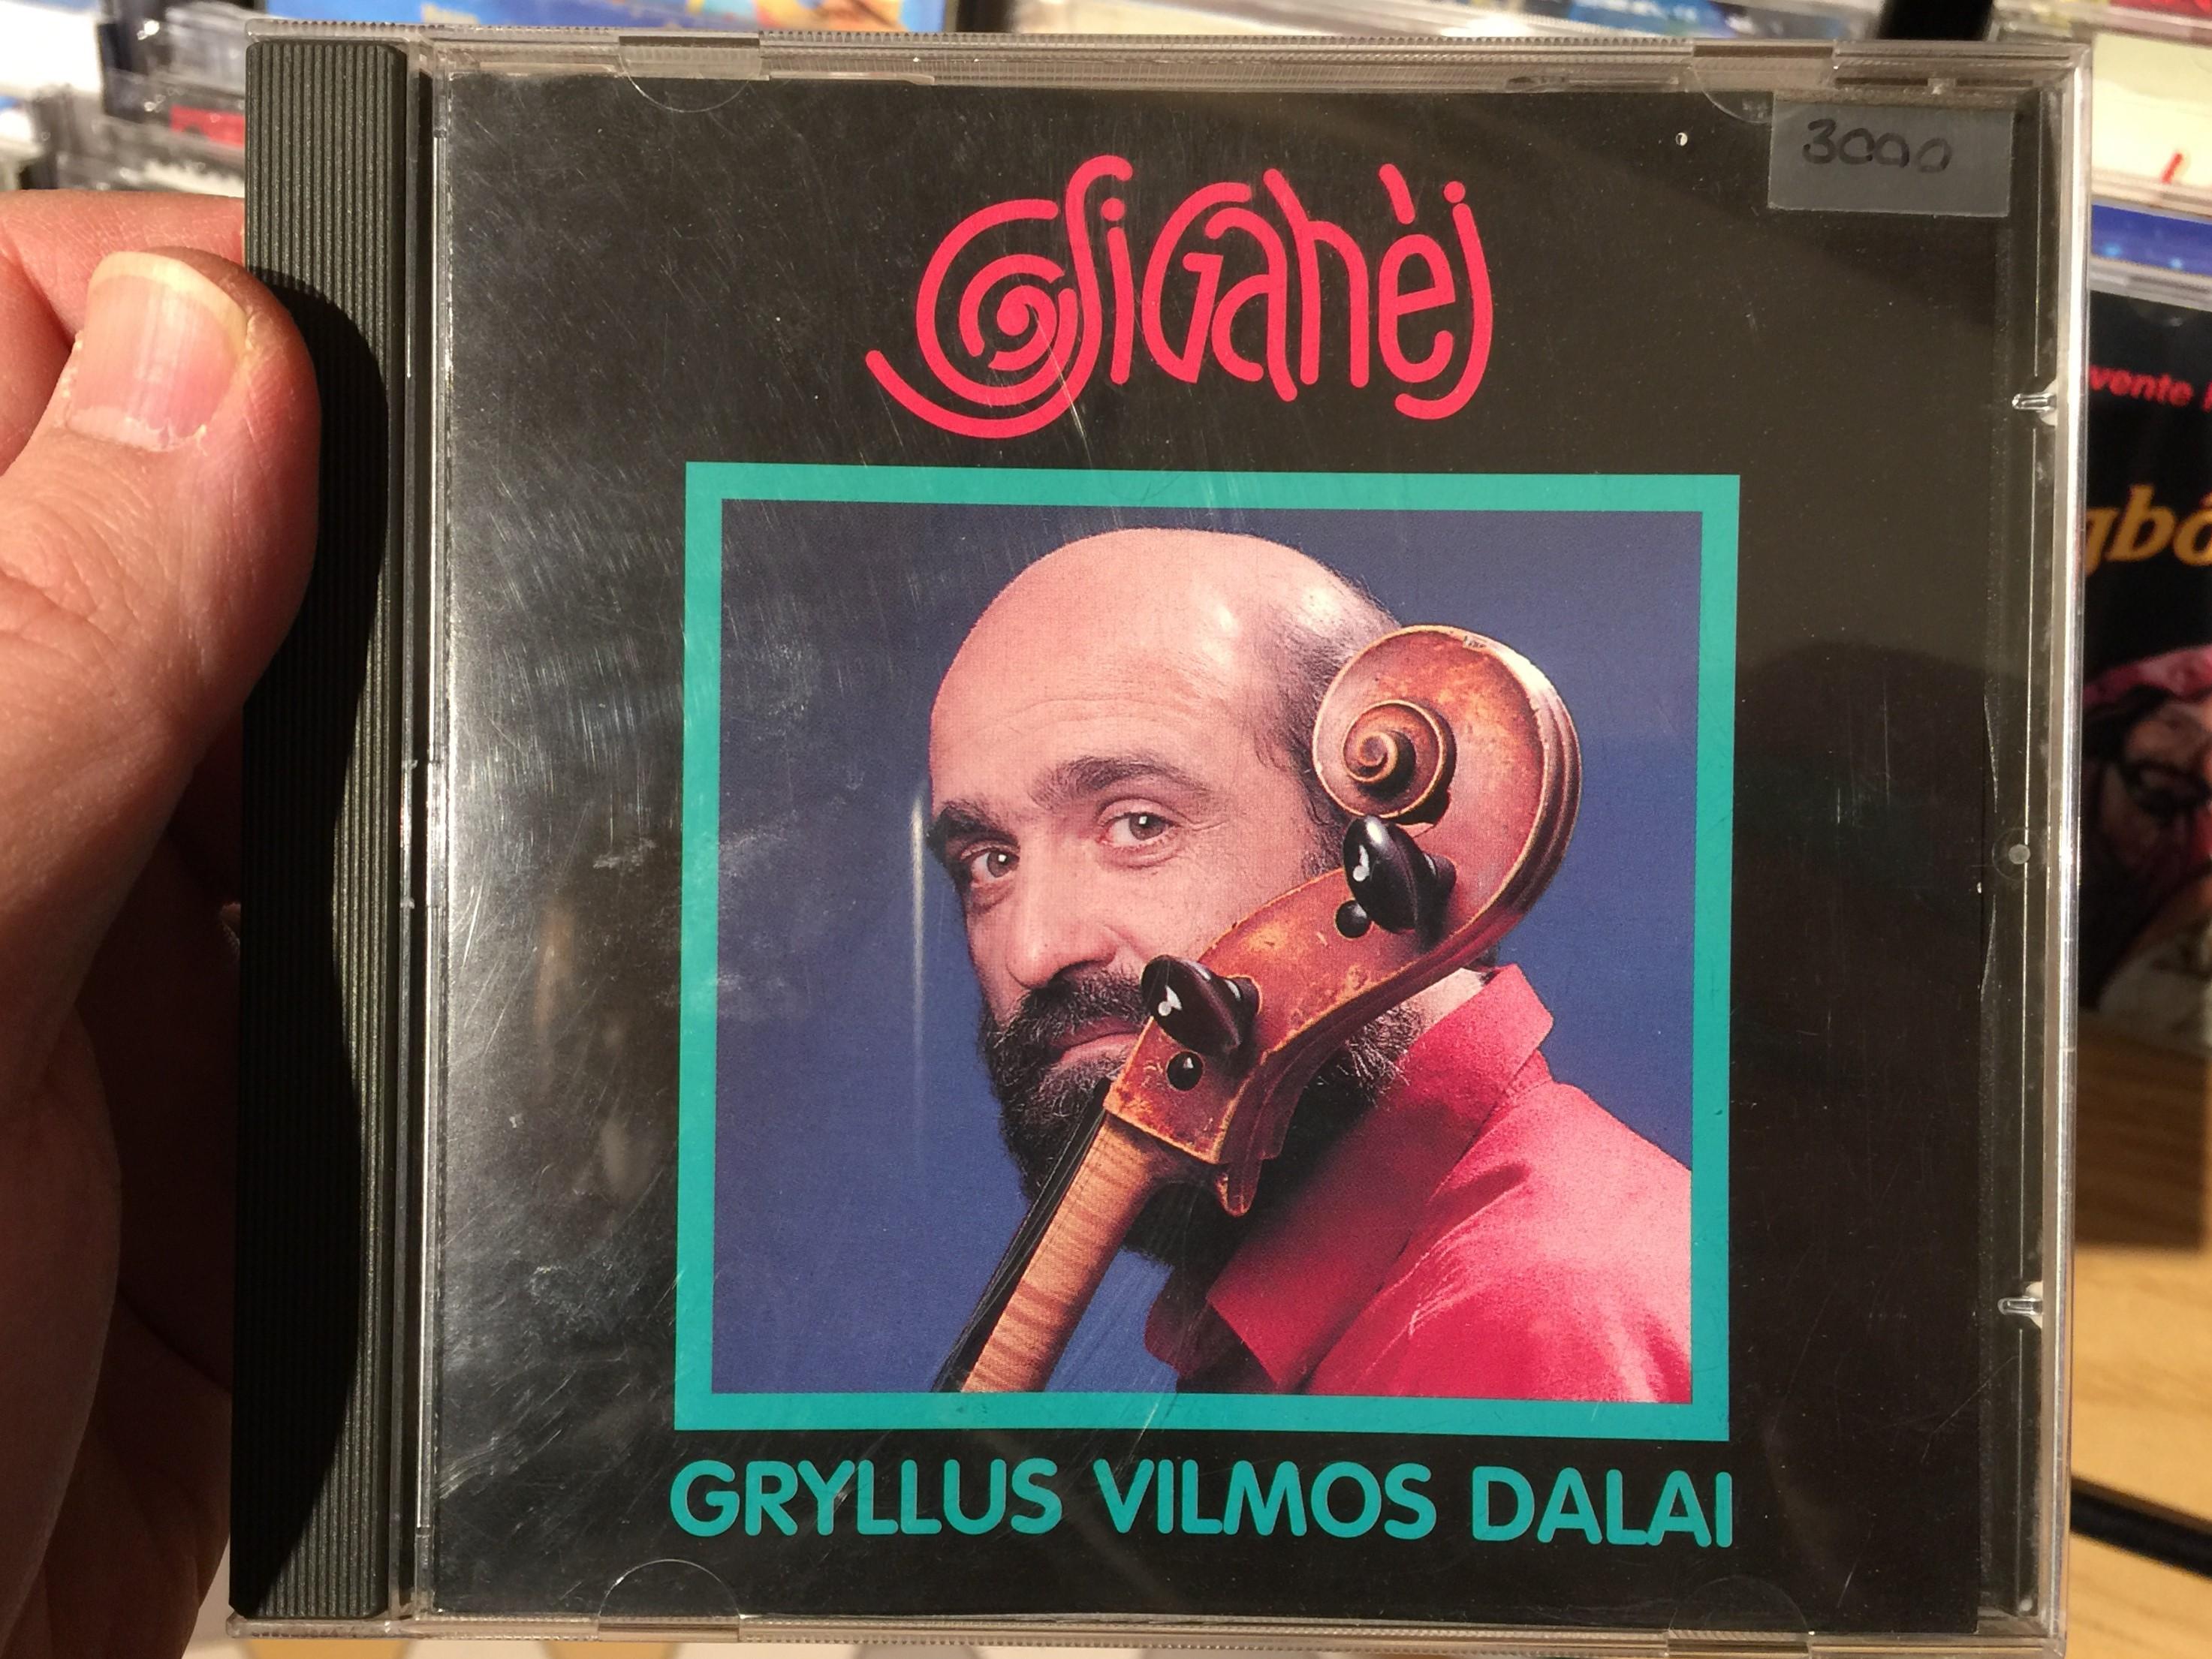 gryllus-vilmos-dalai-csigah-j-treff-audio-cd-1995-trcd-001-1-.jpg